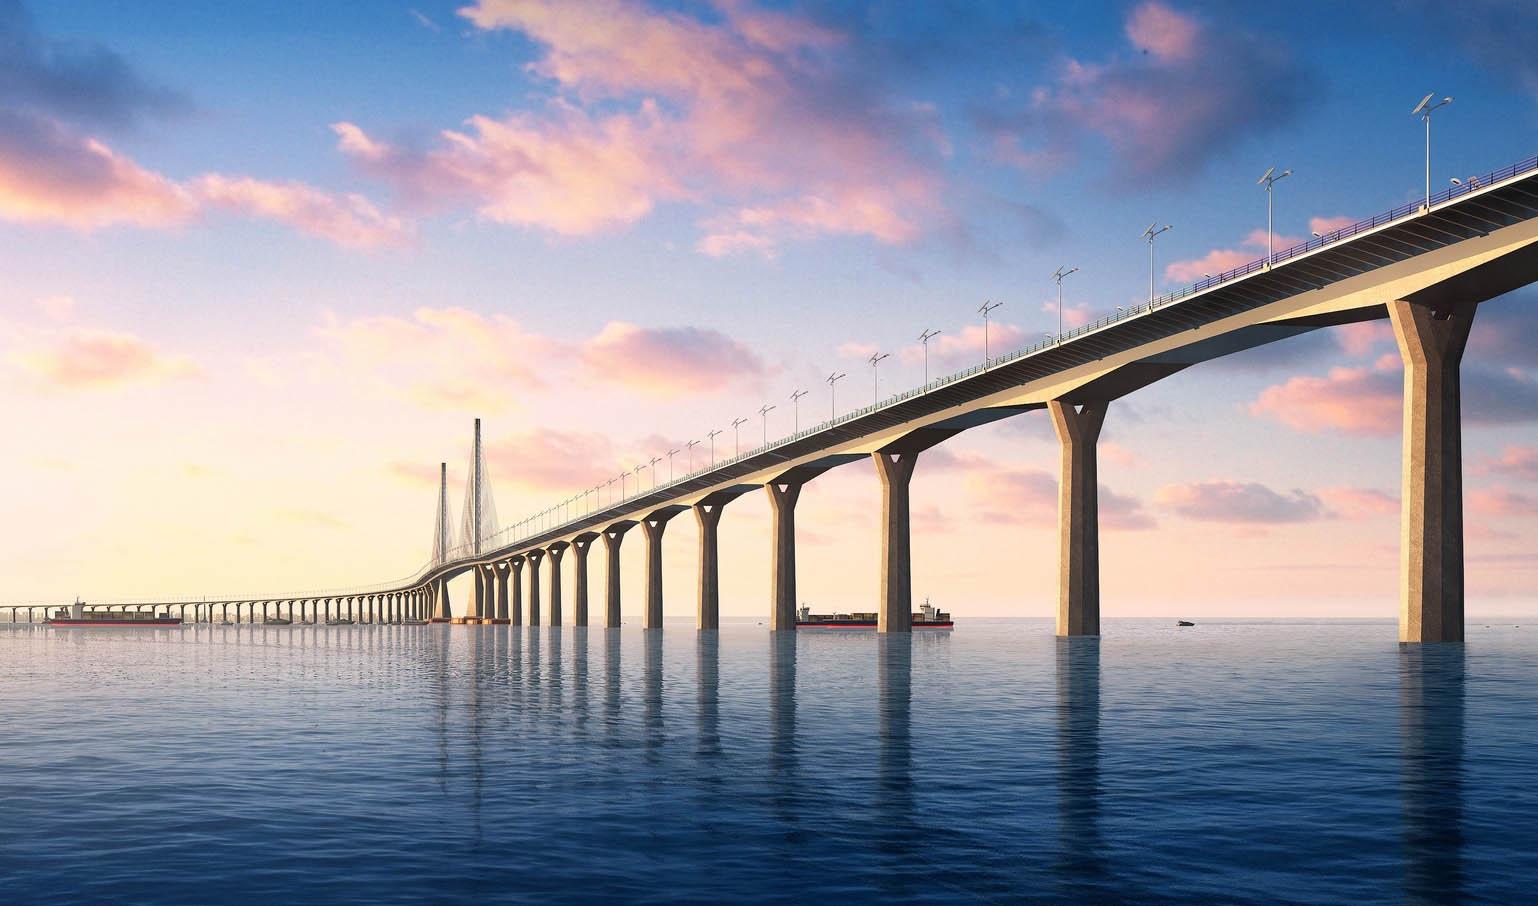 Ponte em Y | Apesar das falsificações, vistoria foi concluída com sucesso